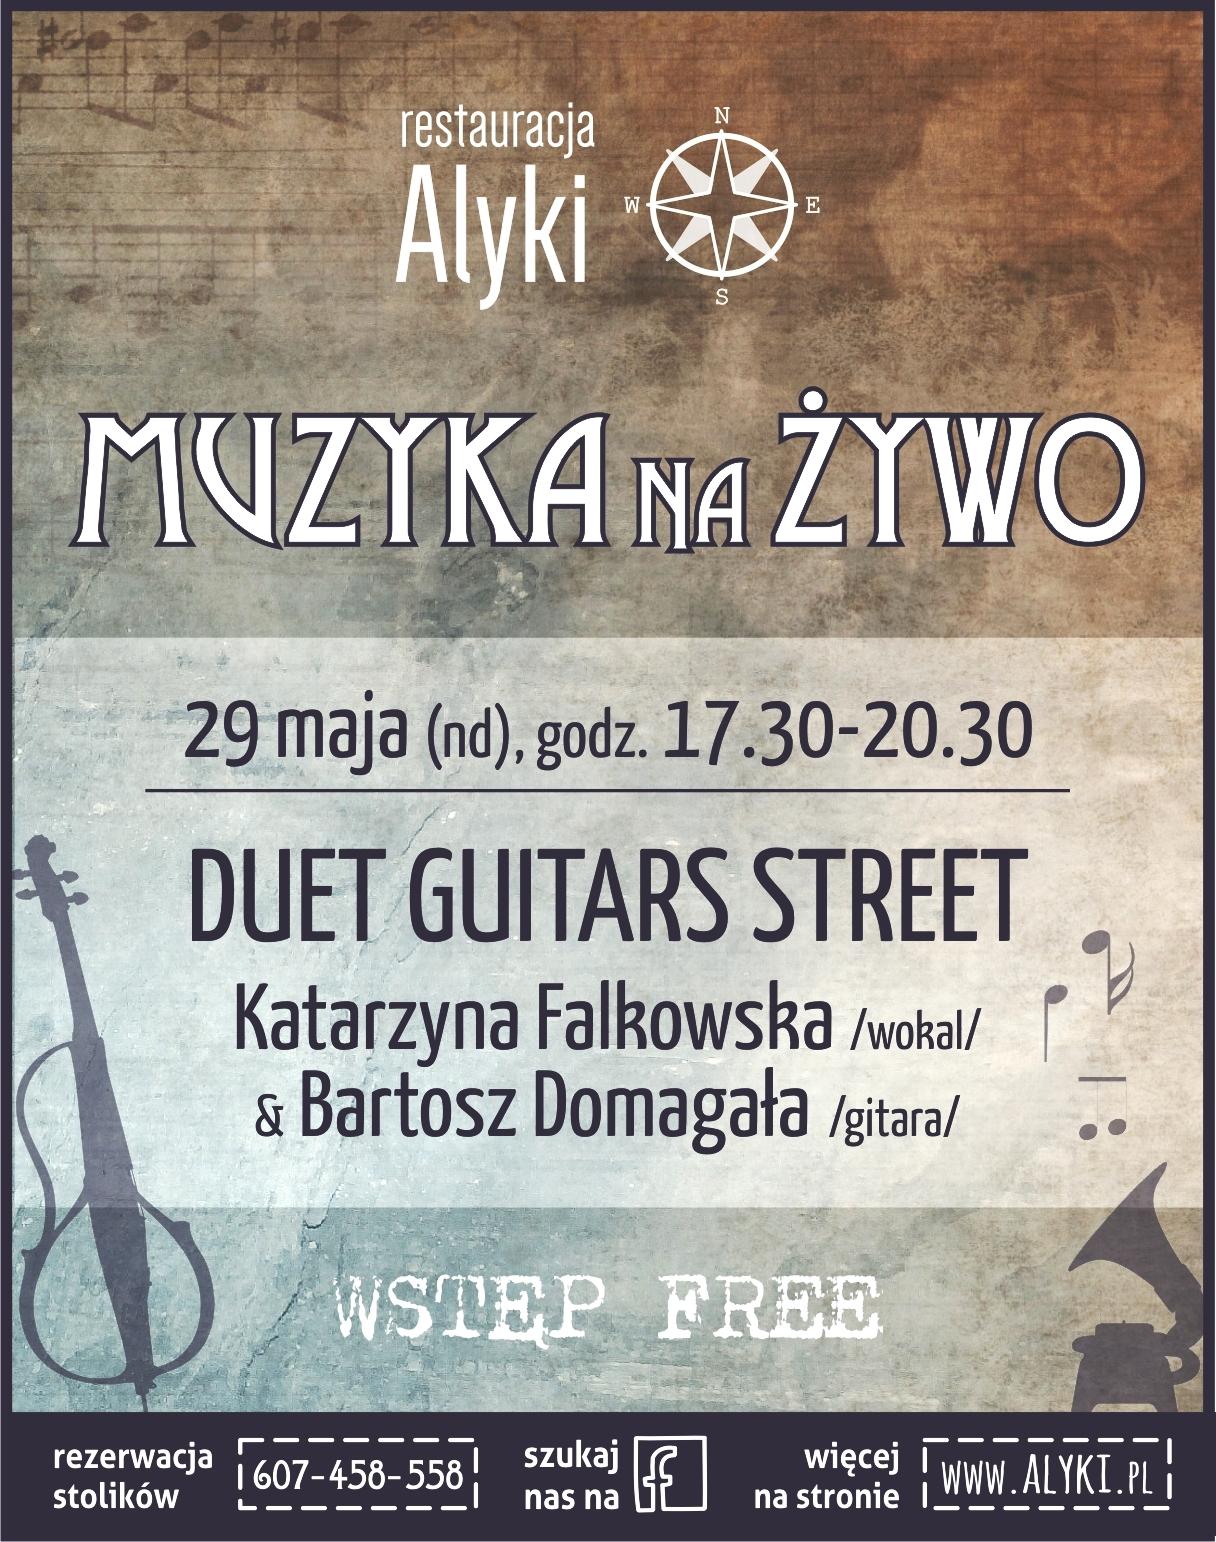 Duet Guitars Street w restauracji Alyki Sky Tower